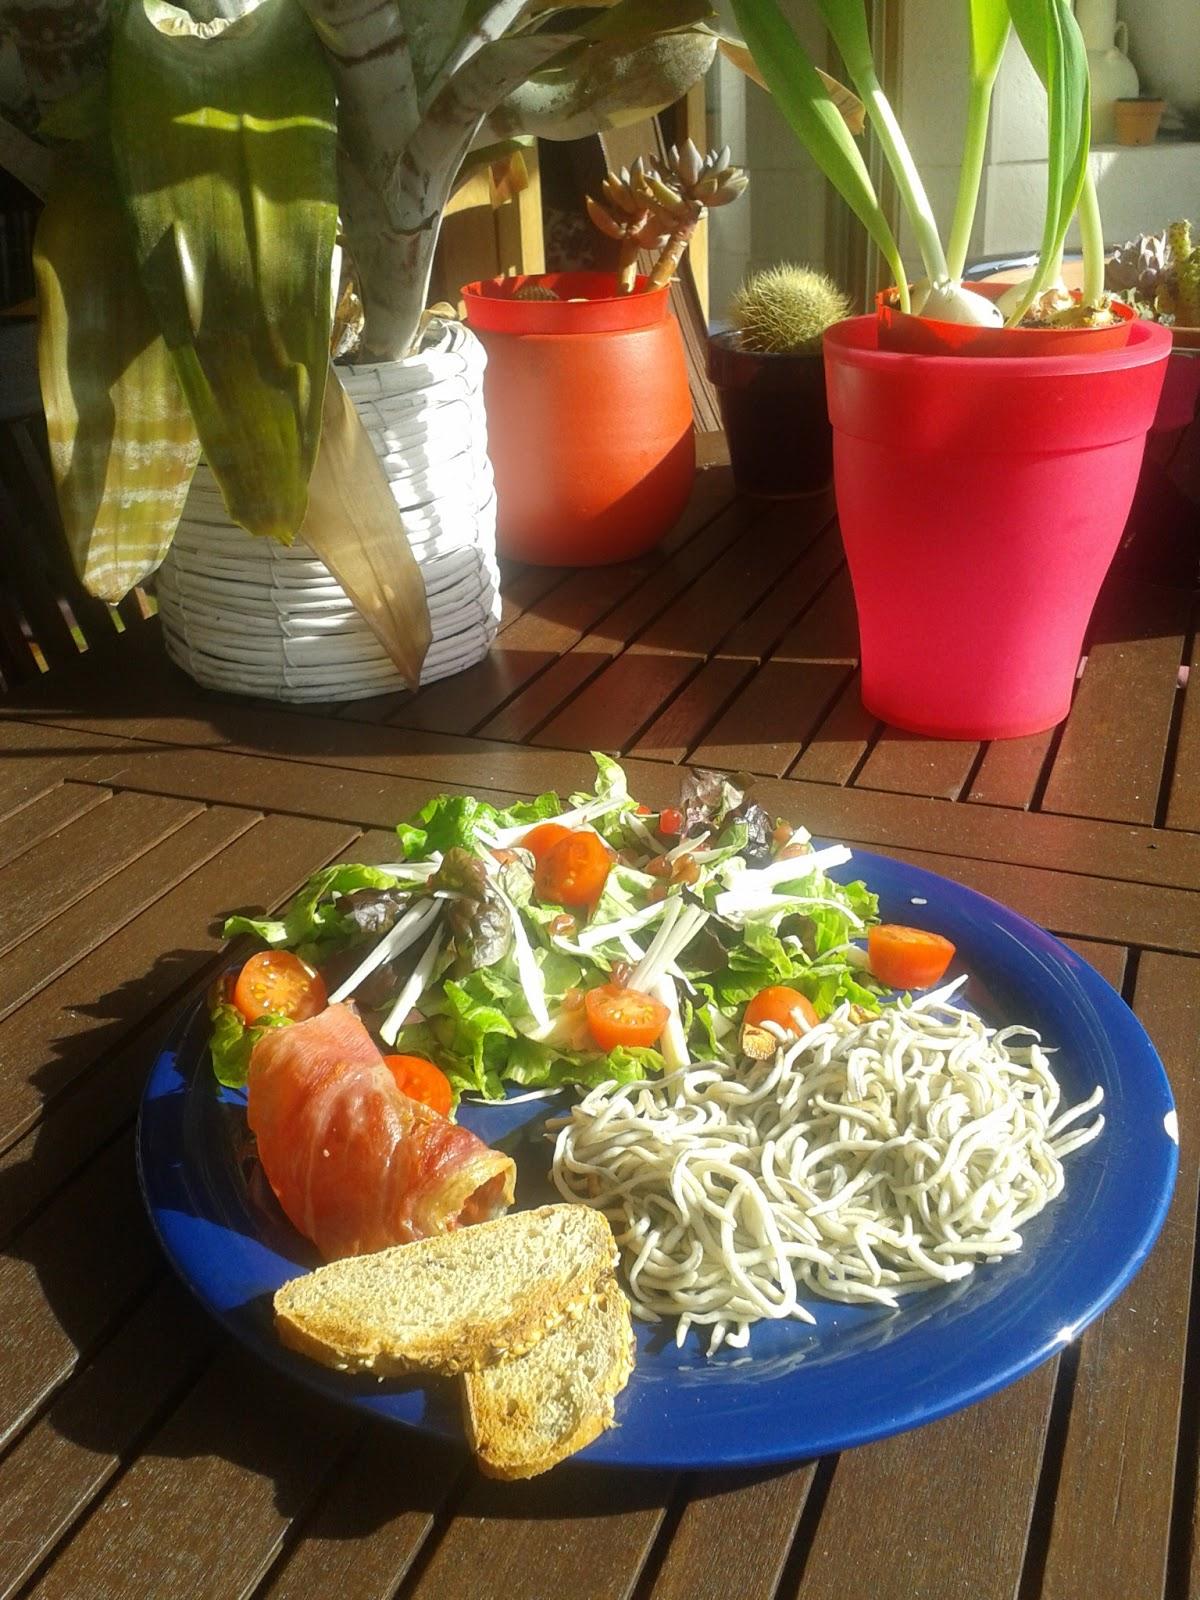 Cocinaenminiatura ensalada templada - Ensaladas con pocas calorias ...